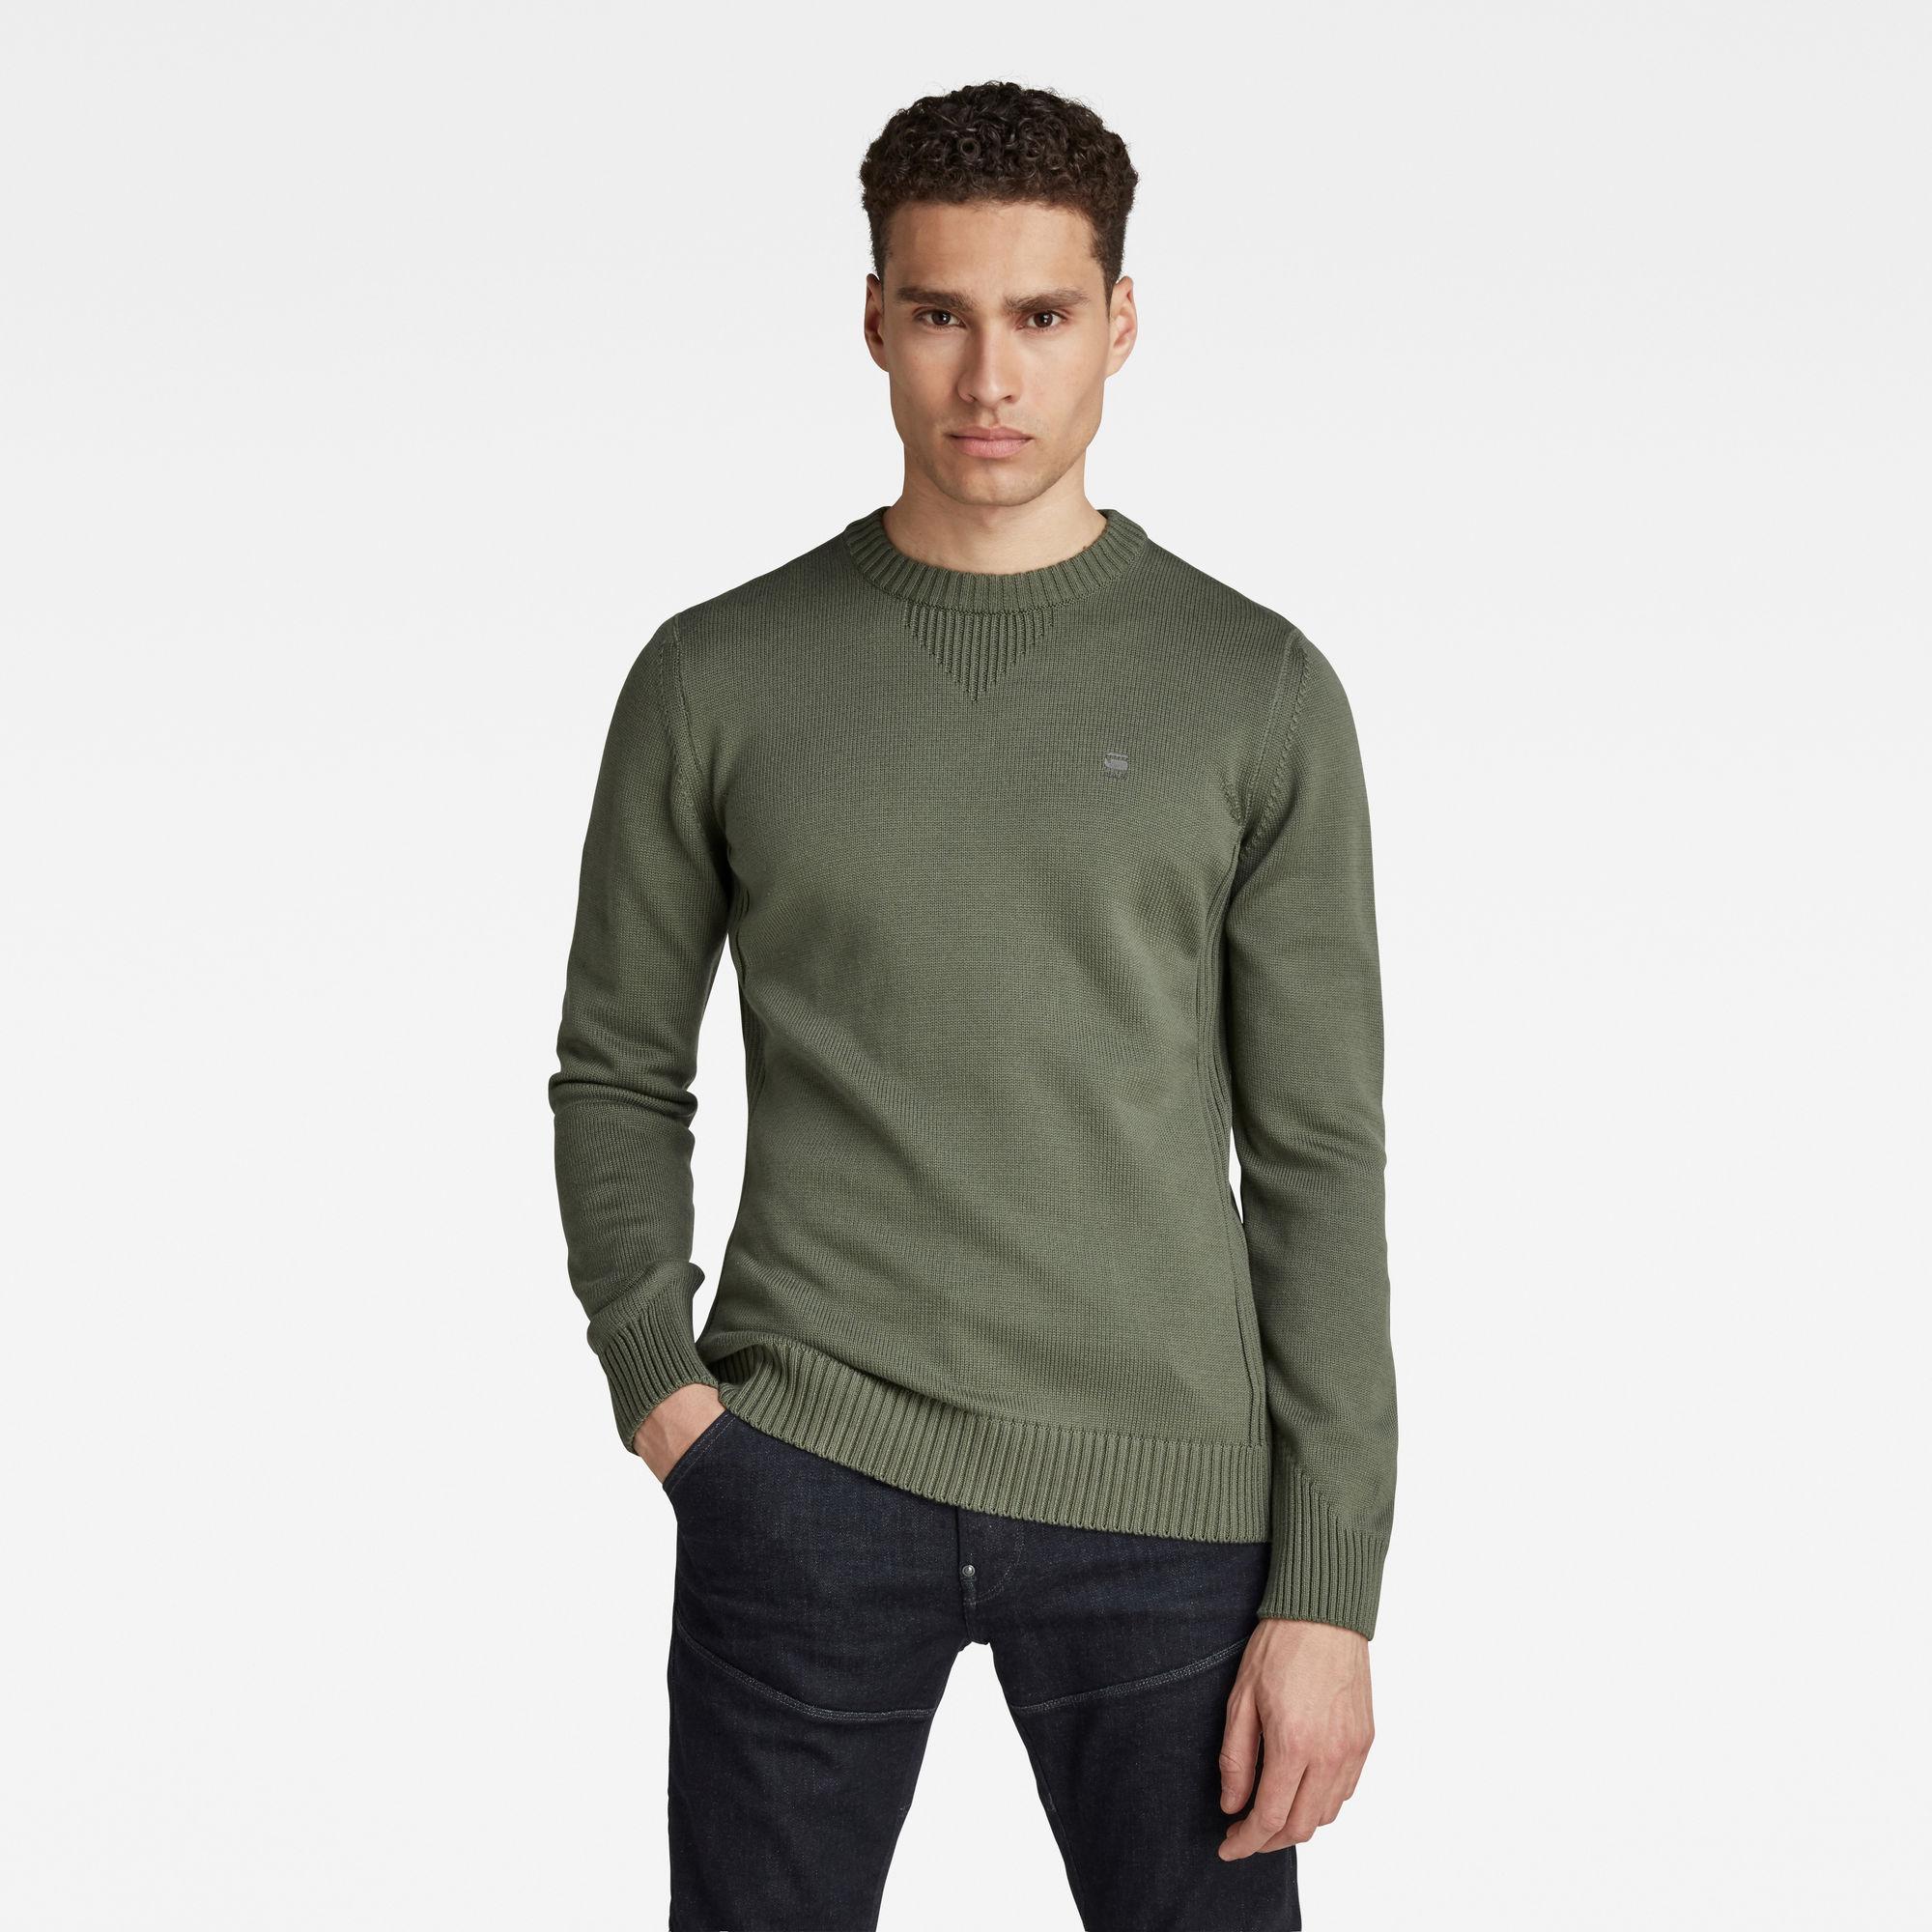 G-Star RAW Heren Classic Sport Knitted Sweater Groen